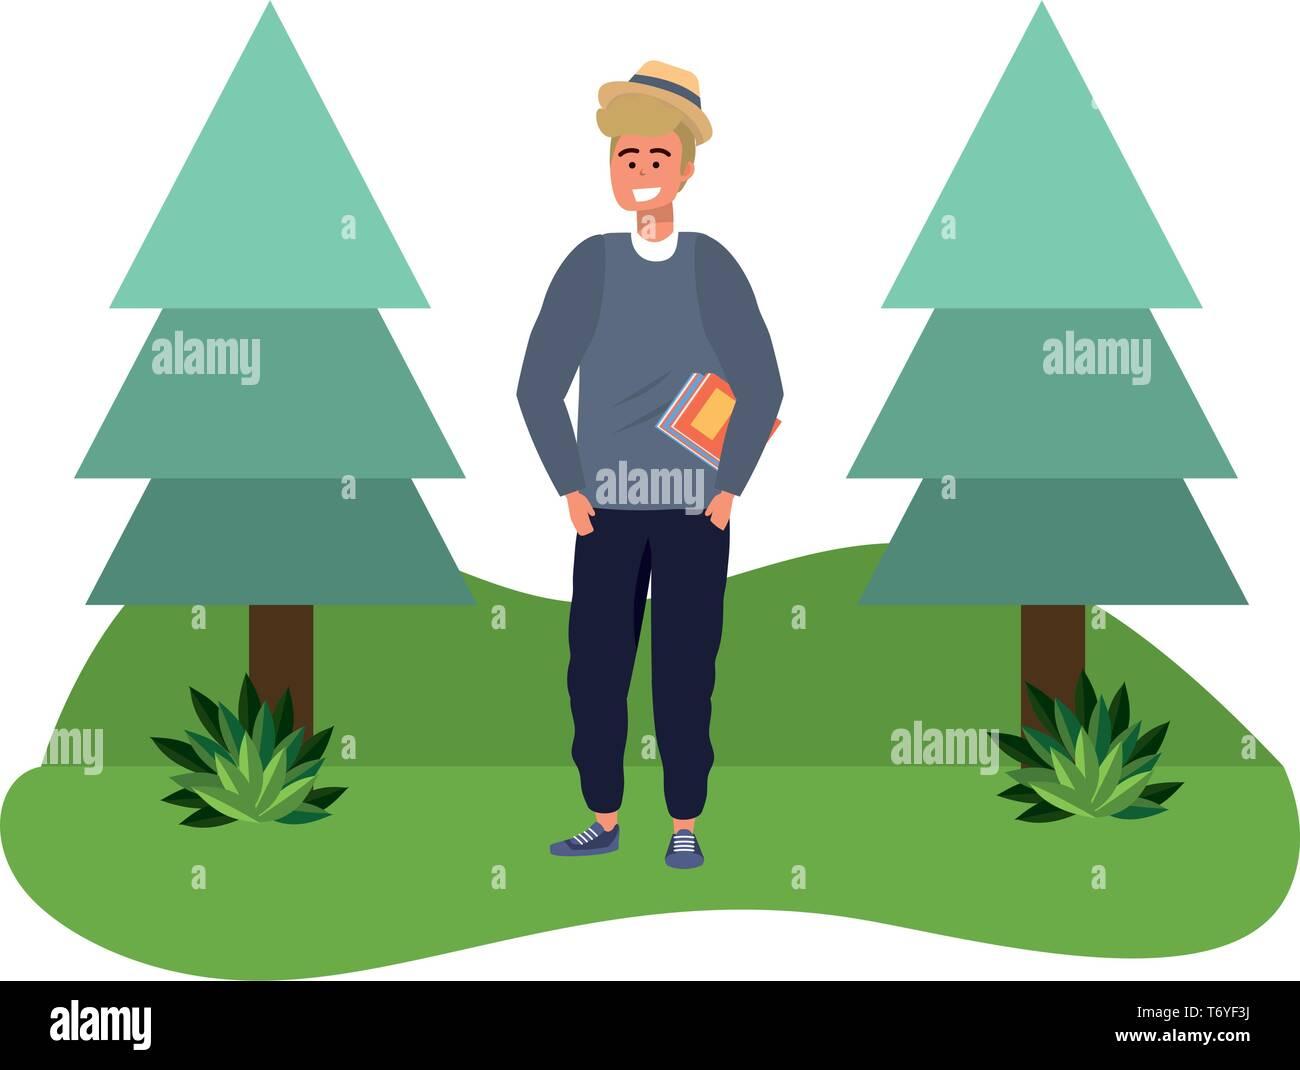 Tausendjährige student blonder Mann holding Buch draußen lächelnd Gras und Bäume Natur Hintergrund Vector Illustration graphic design Stockbild